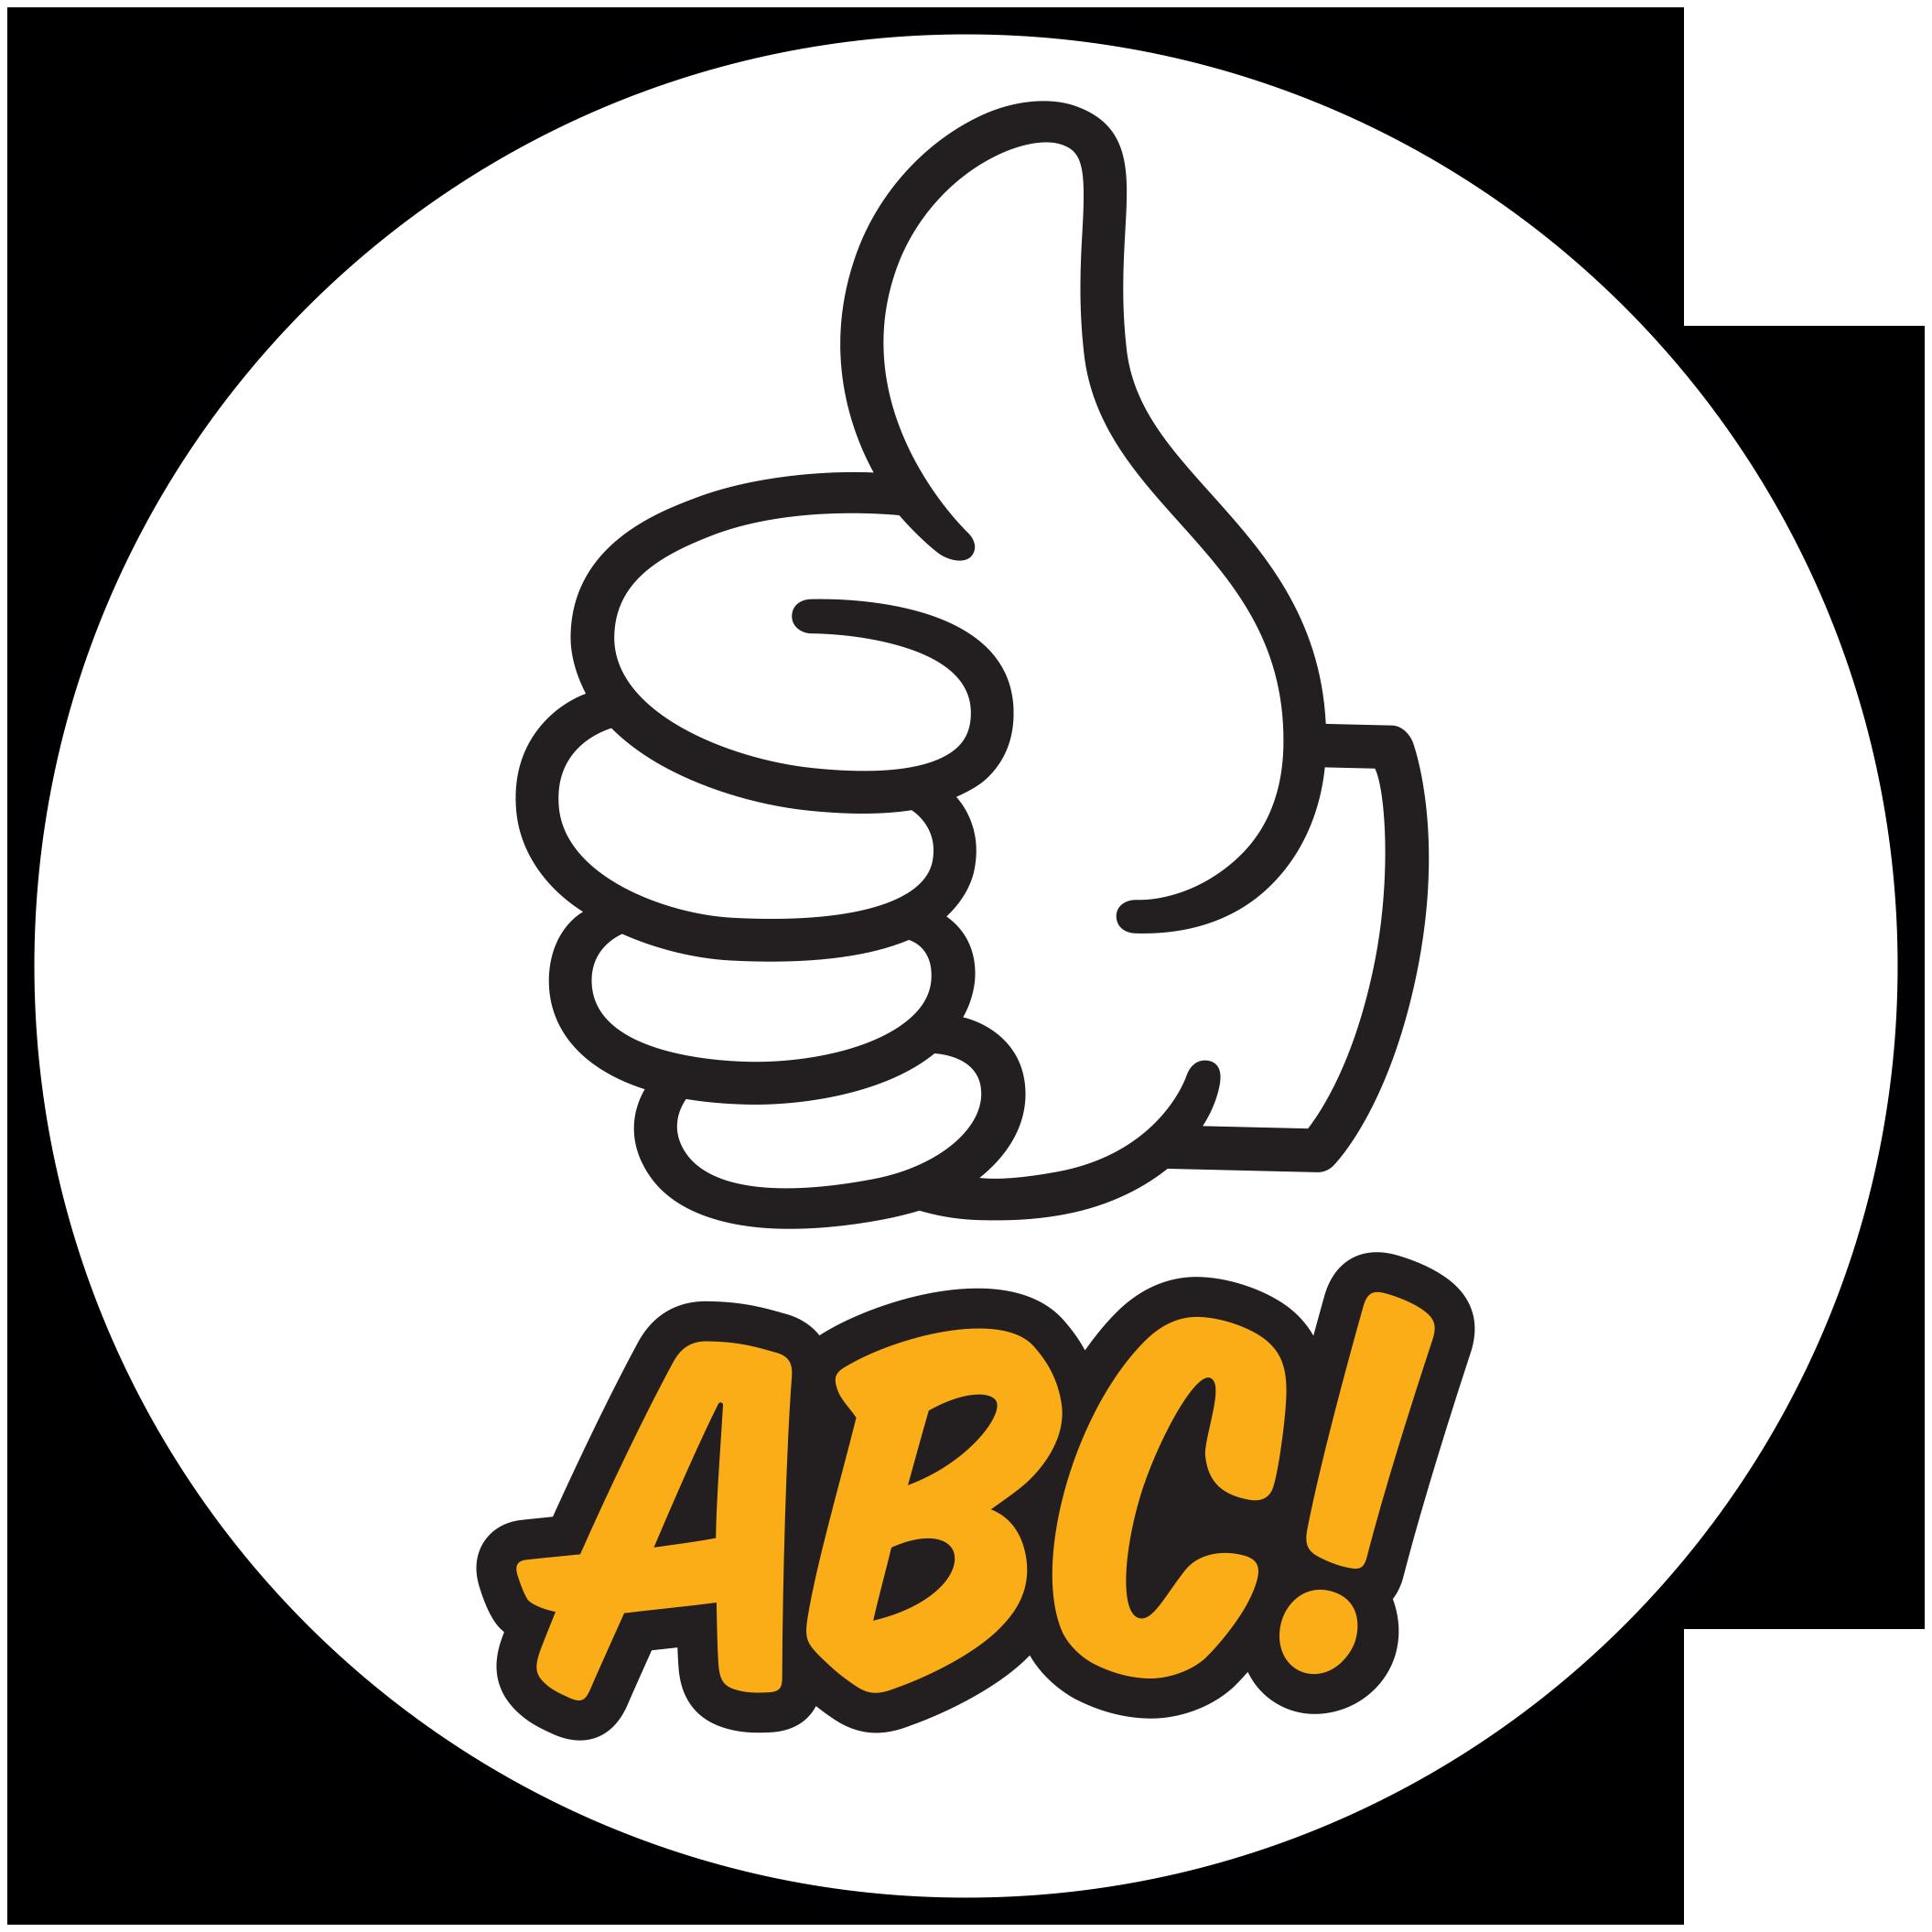 ABC Seinäjoki